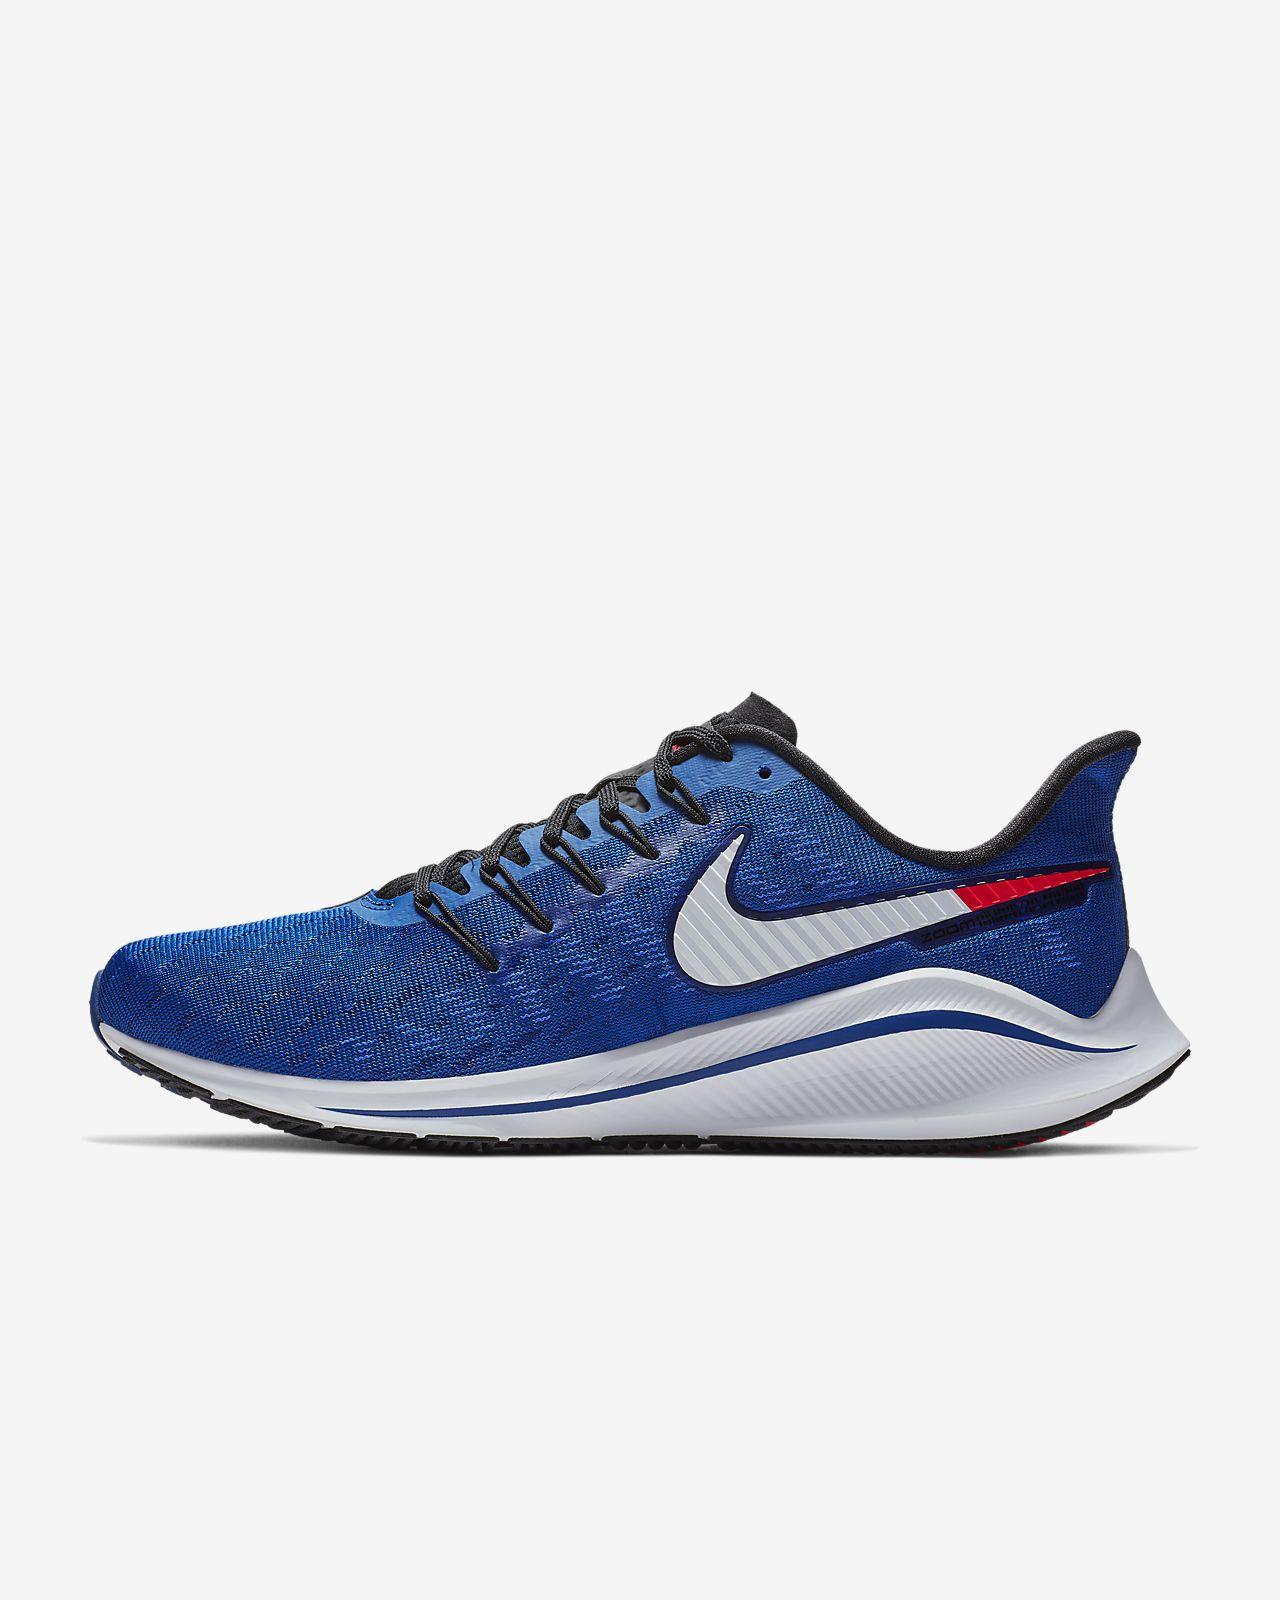 Męskie buty do biegania Nike Air Zoom Vomero 14